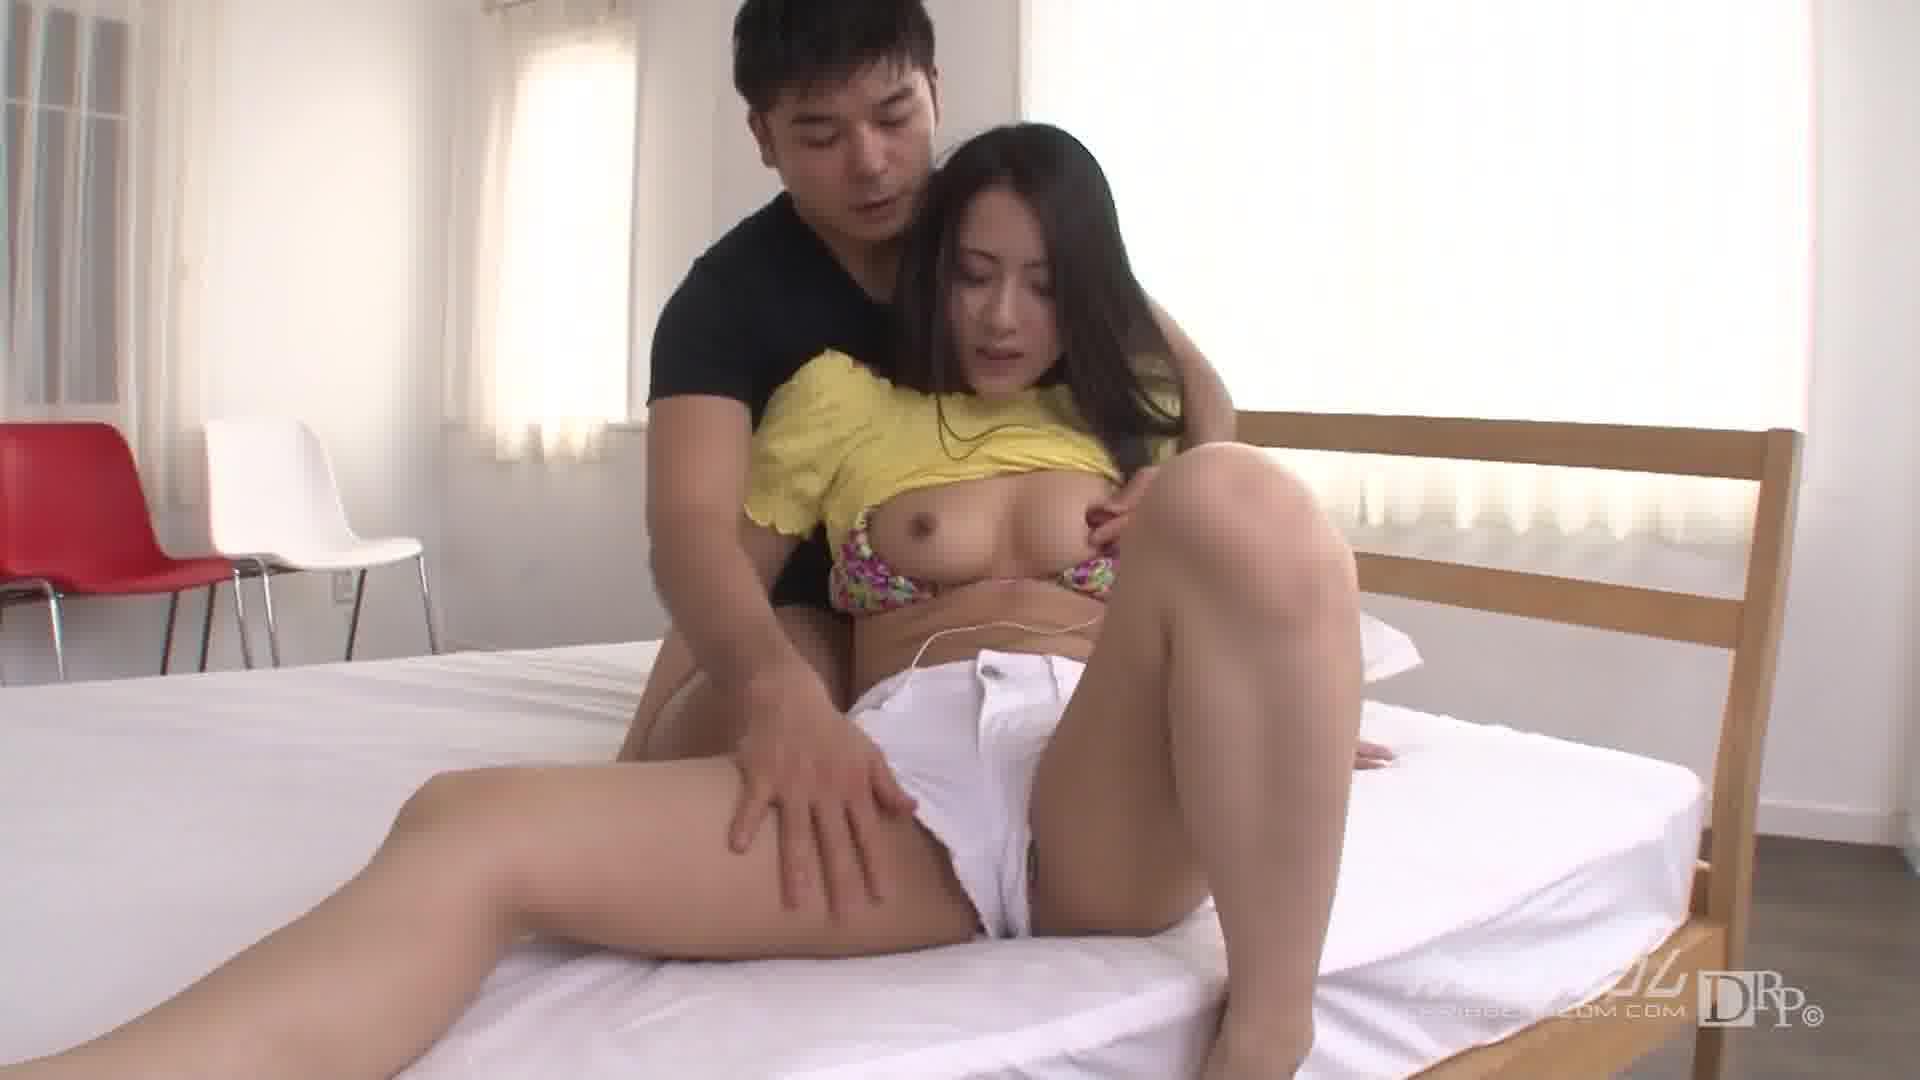 卑猥なアジアンビューティー恋 - あずみ恋【コスプレ・スレンダー・中出し】